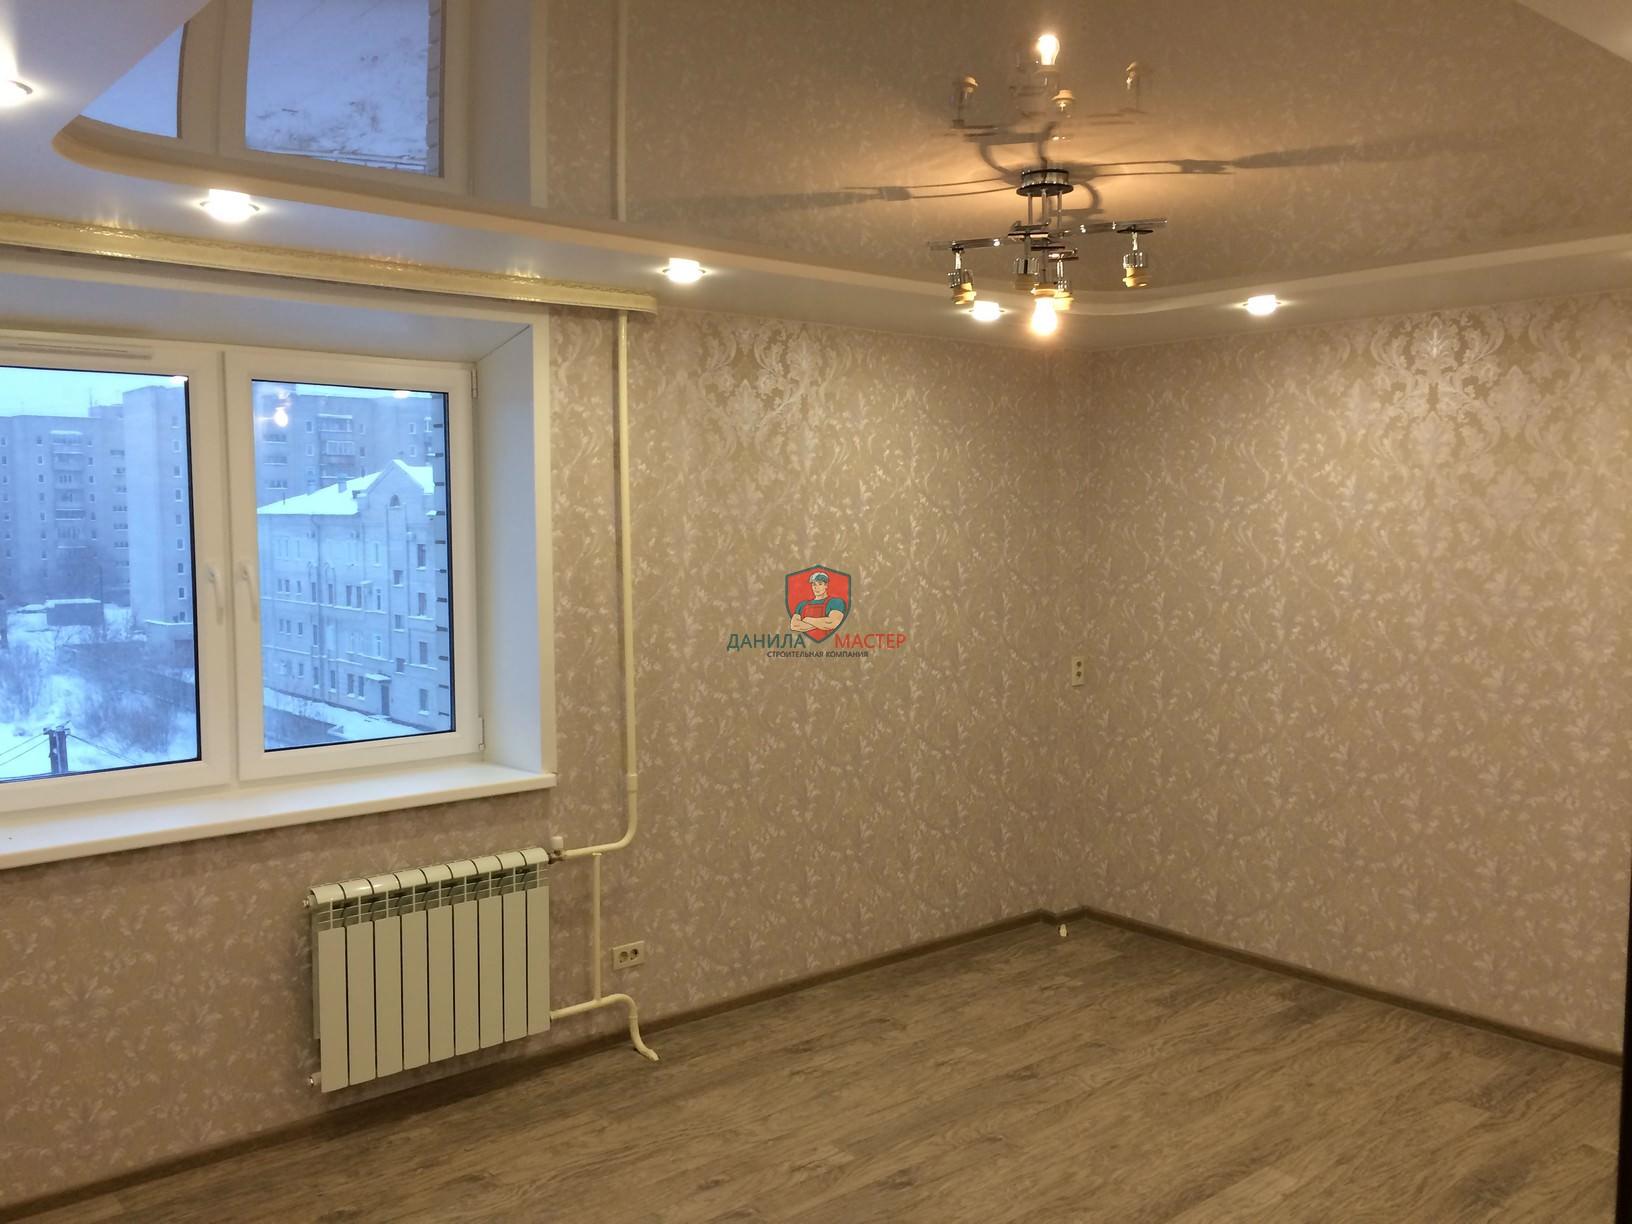 Ремонт двухкомнатной квартиры под ключ по адресу: г. Киров, ул. Подгорная, 7